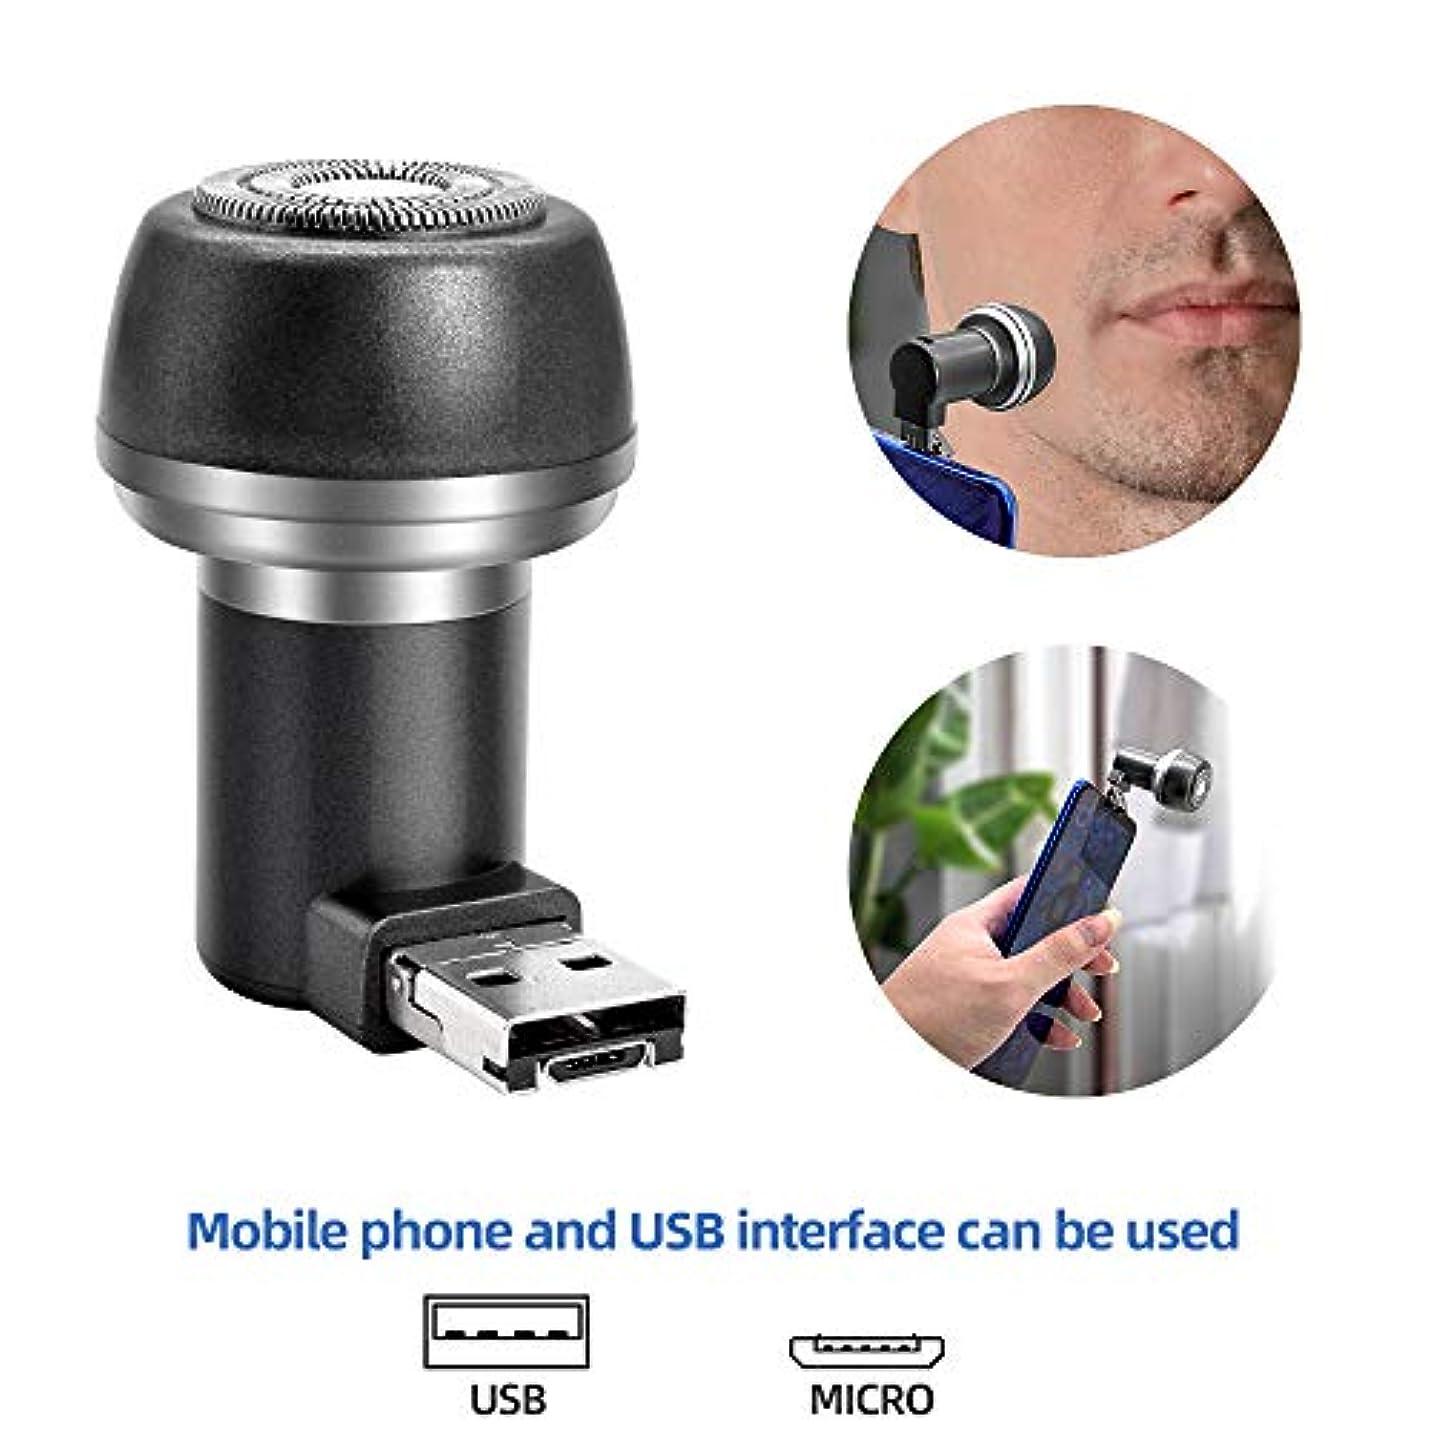 山岳こんにちはインターネットGreesuit シェーバー メンズ 電動髭剃り 電動シェーバー 回転式 ひげそり 携帯電話/USB充電式 ミニ 持ち運び ビジネス 旅行 海外対応 Android携帯電話式